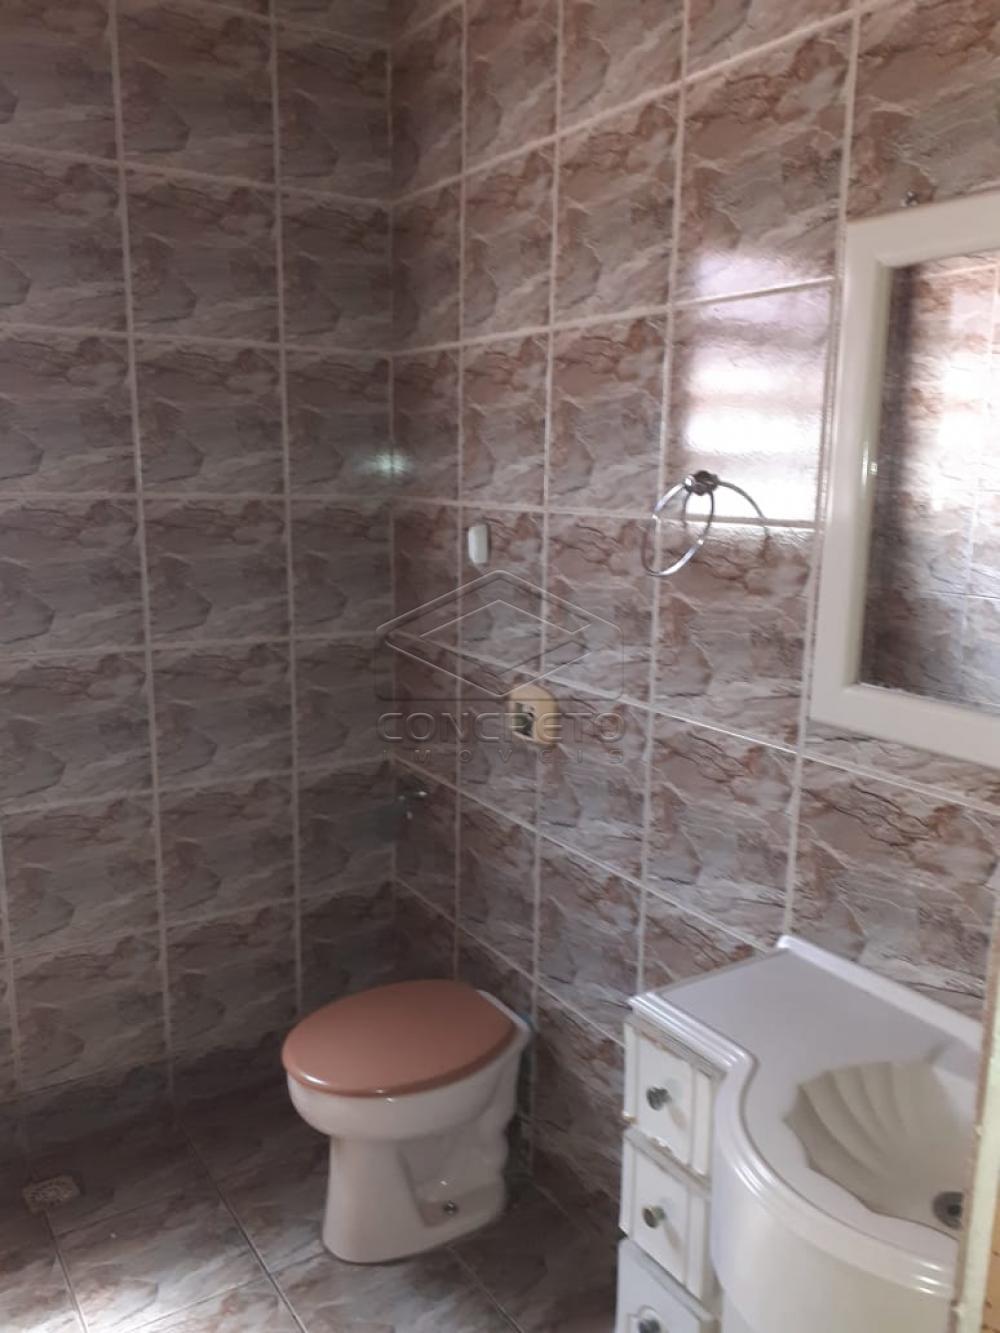 Comprar Casa / Padrão em Sao Manuel R$ 150.000,00 - Foto 4